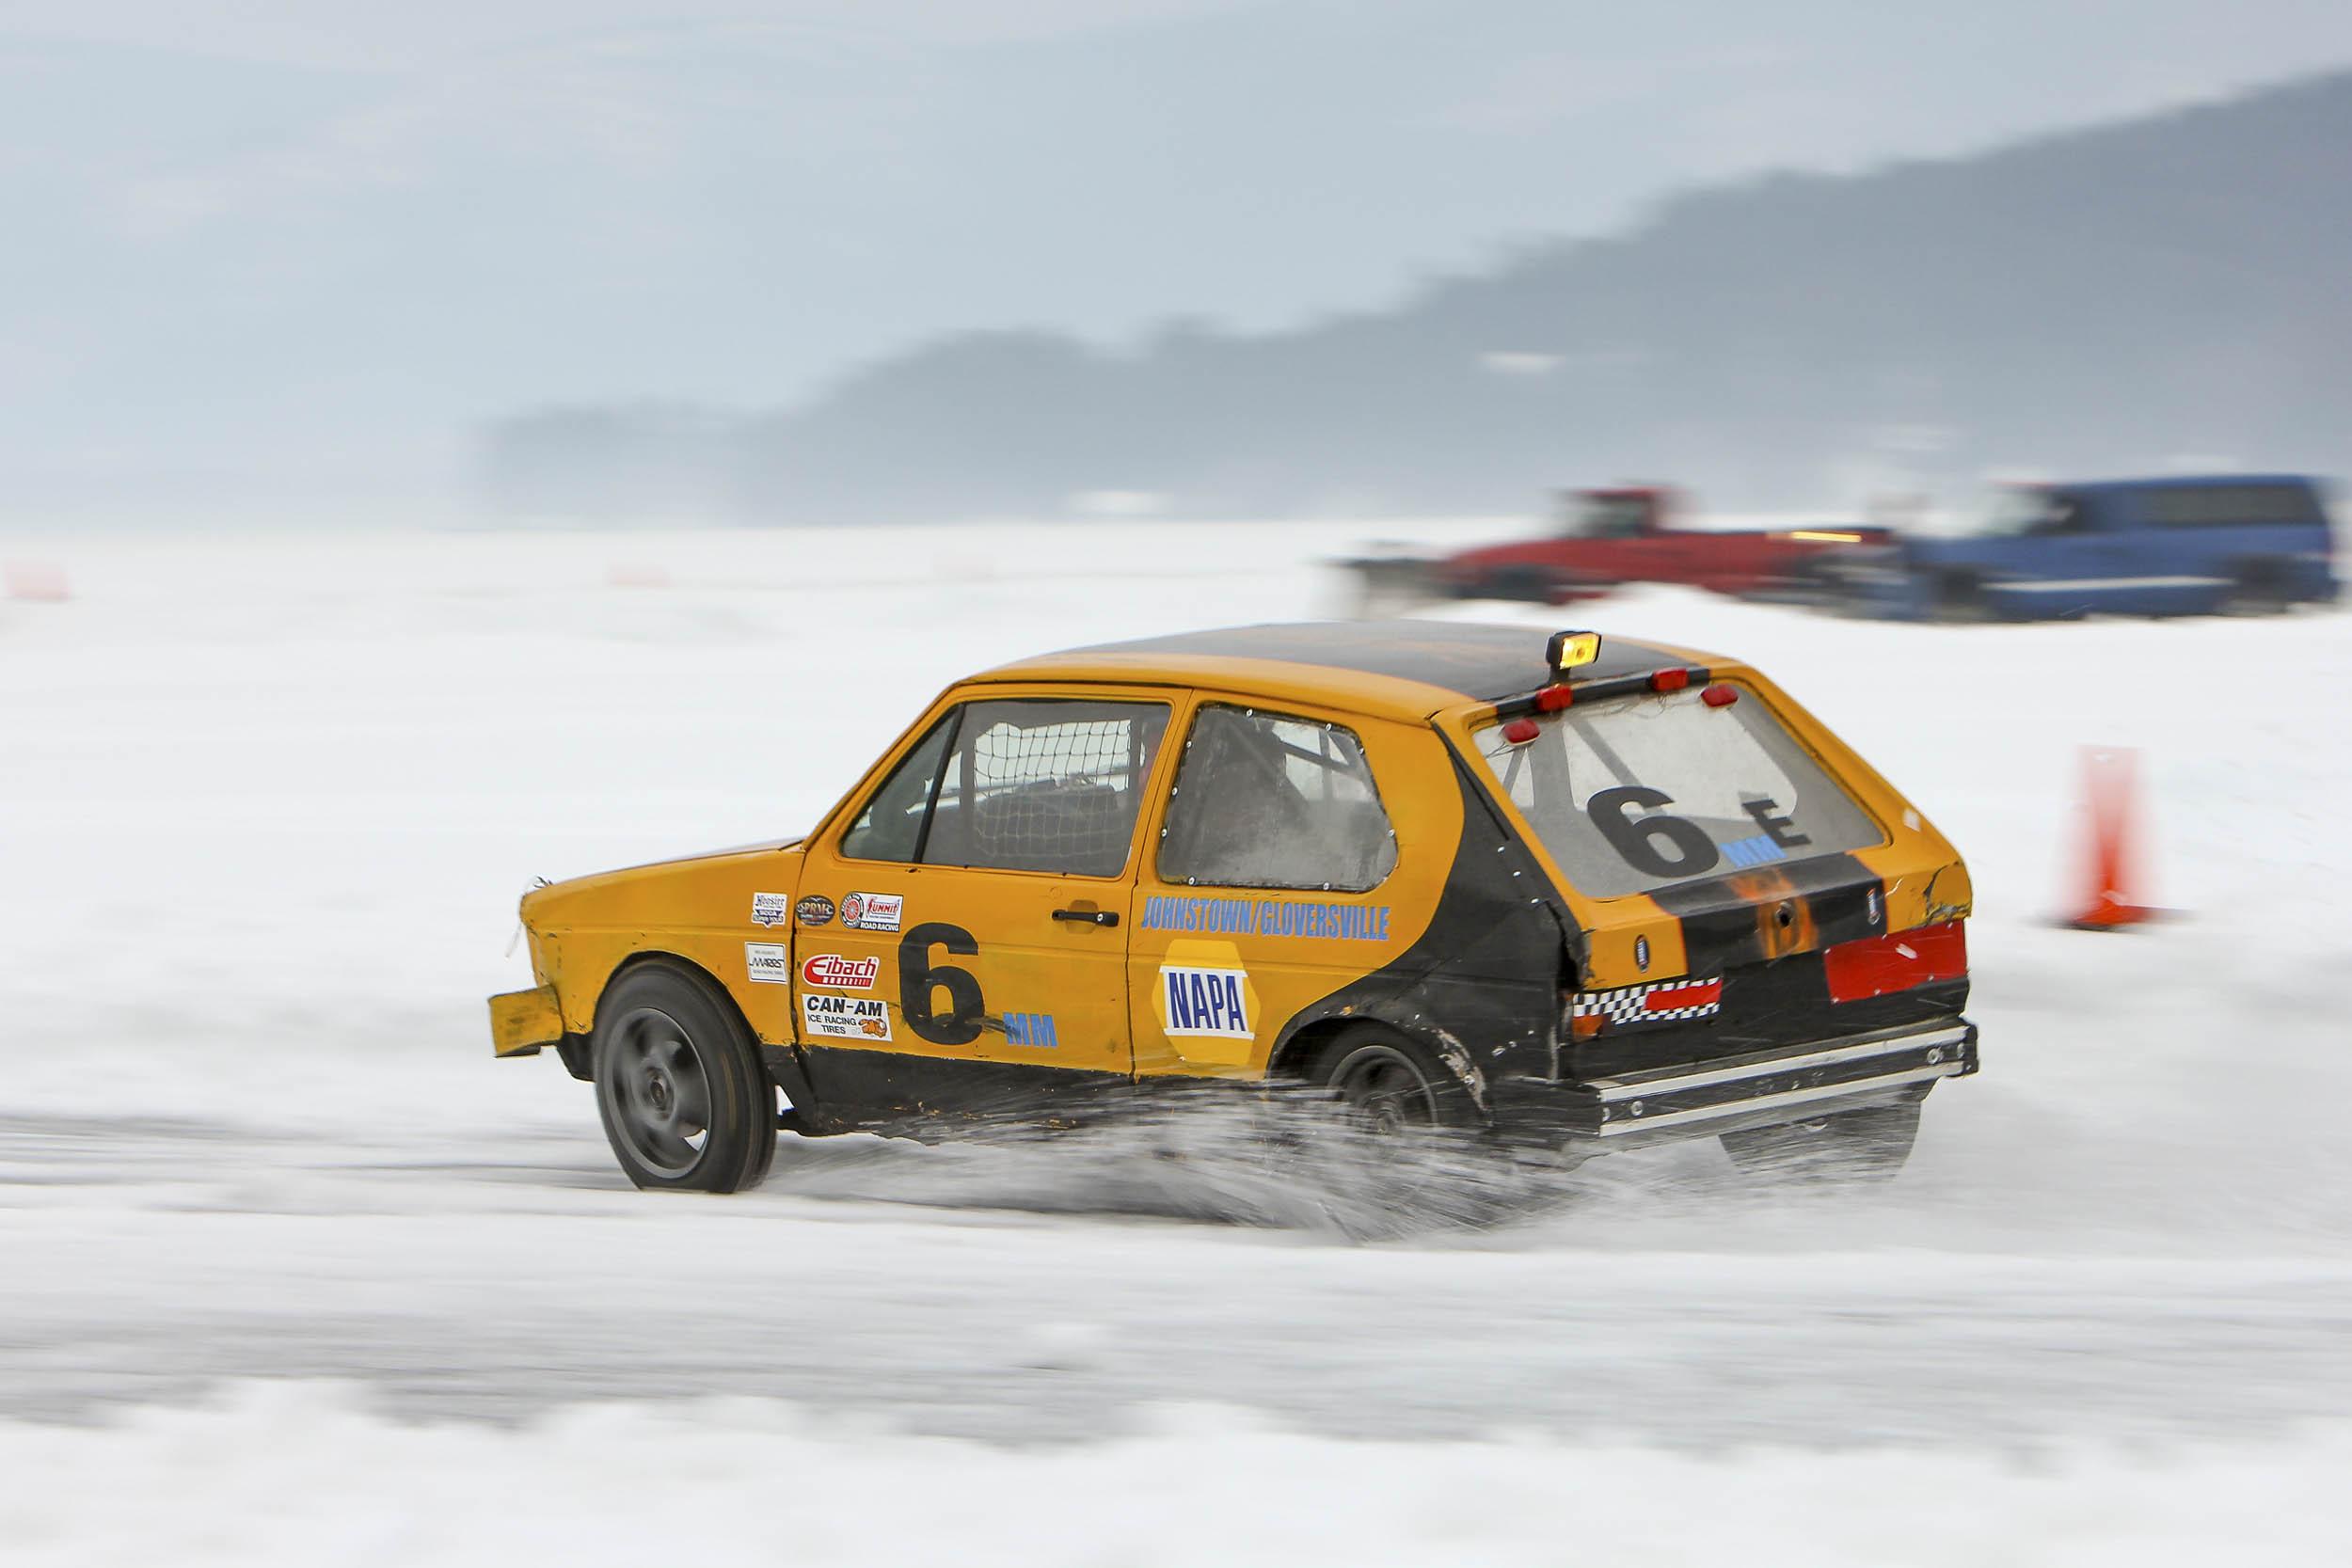 Johnstown/Gloversville ice race car